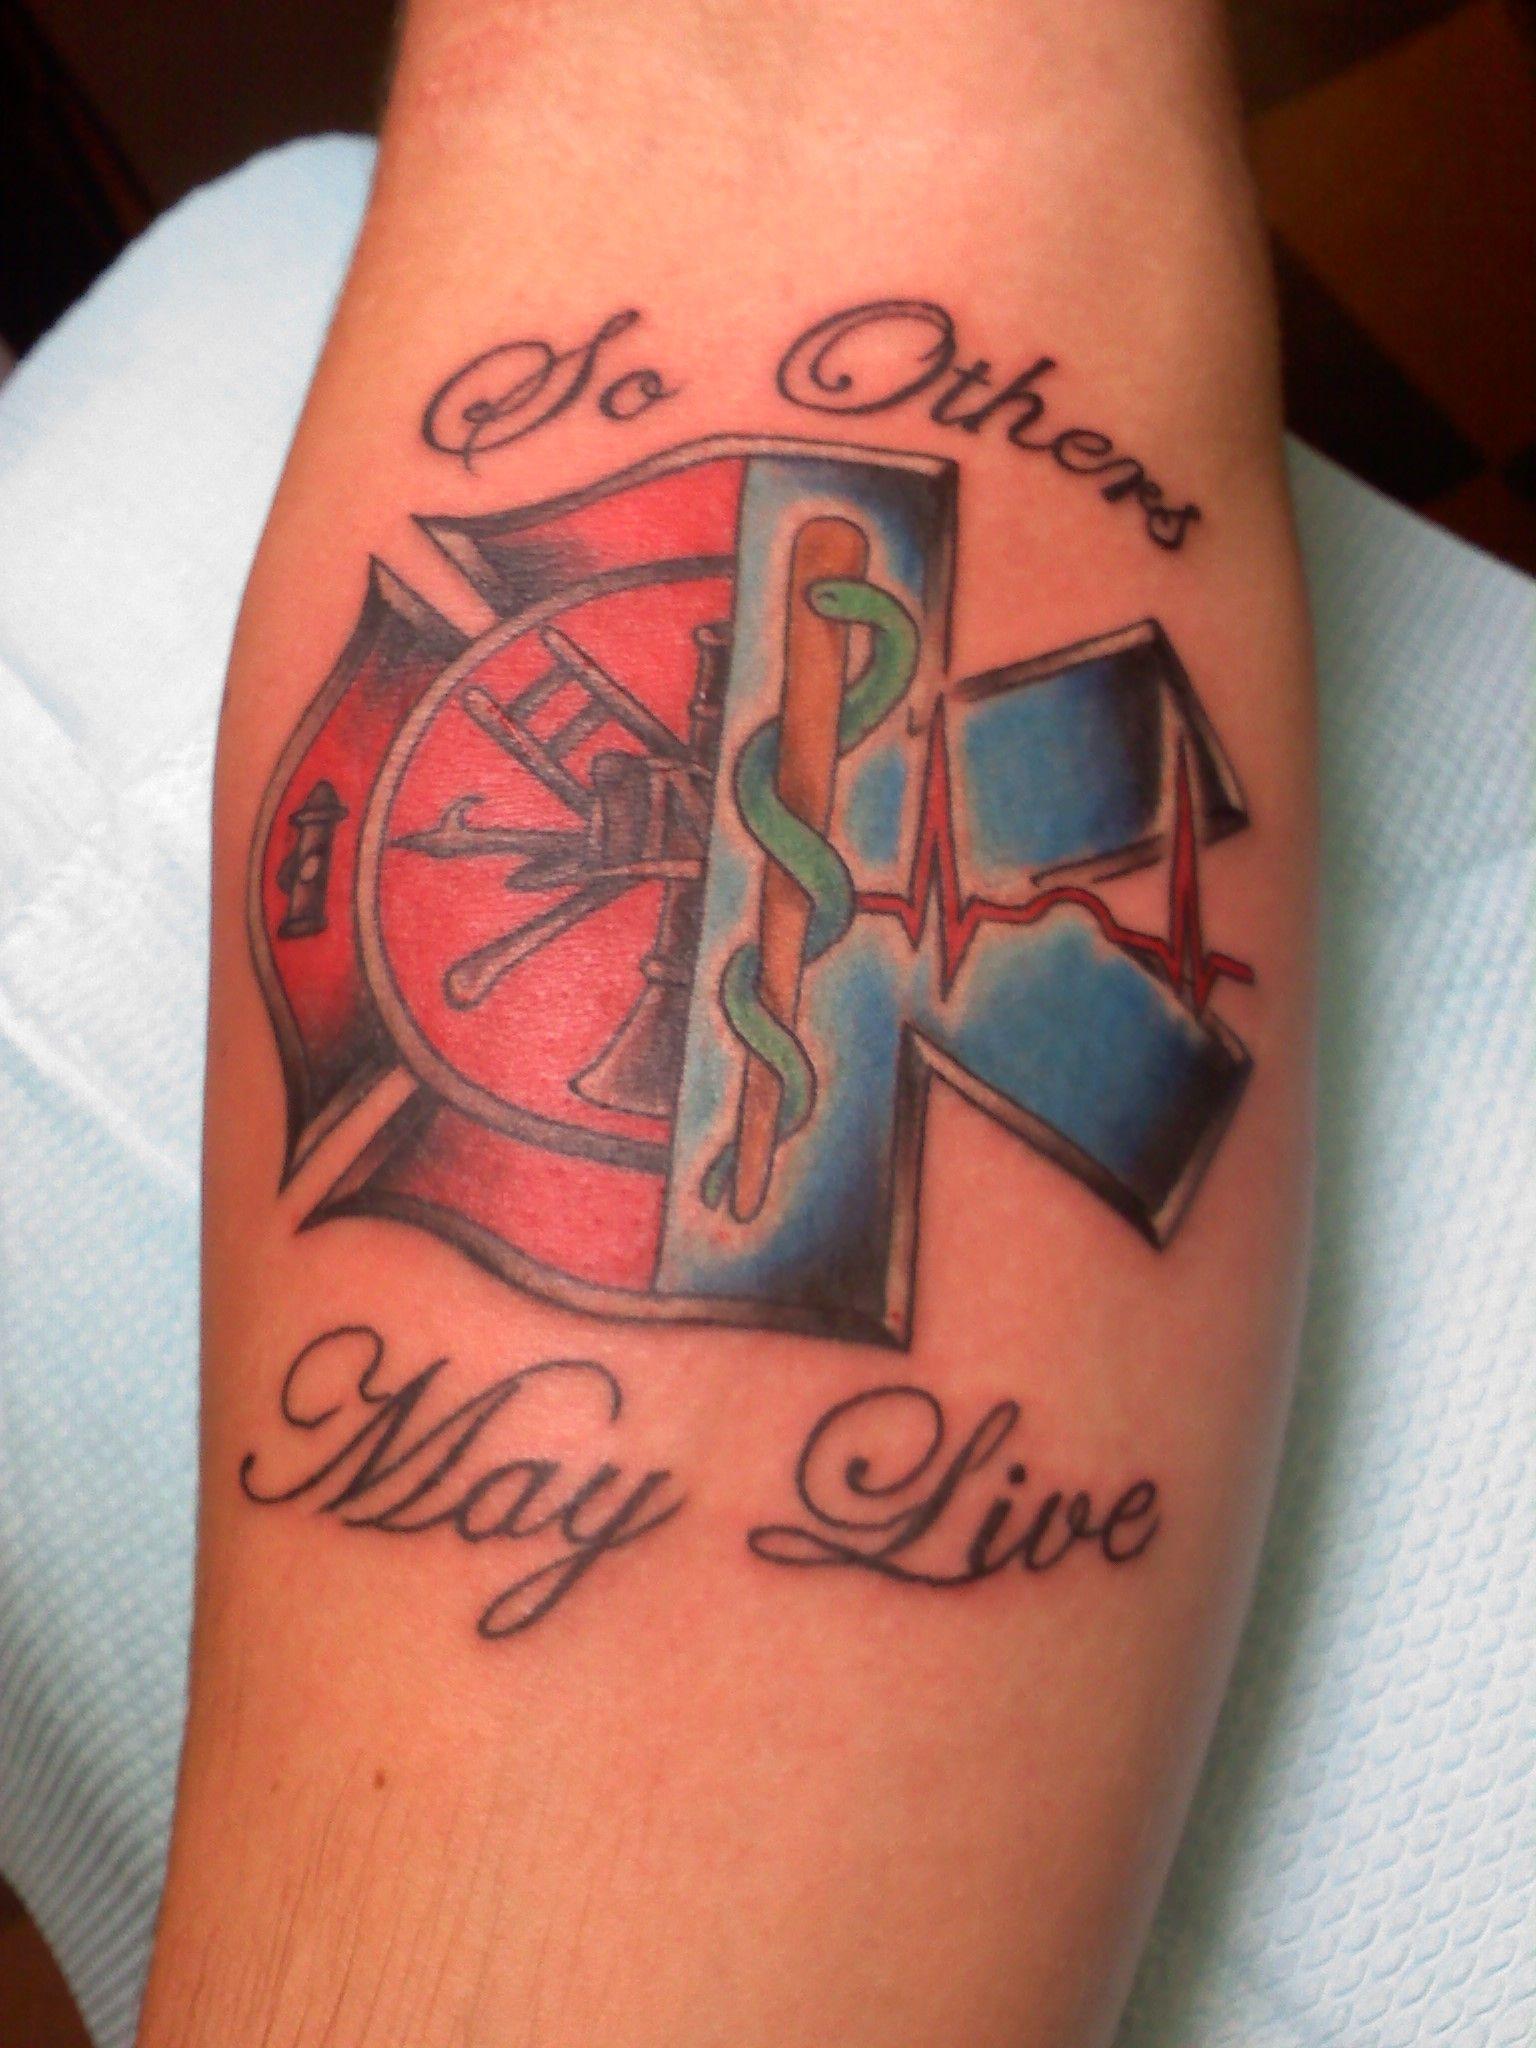 e39ca87bfa1dd Ems Tattoo Quotes. QuotesGram | tattoo ideas | Ems tattoos, Tattoos ...